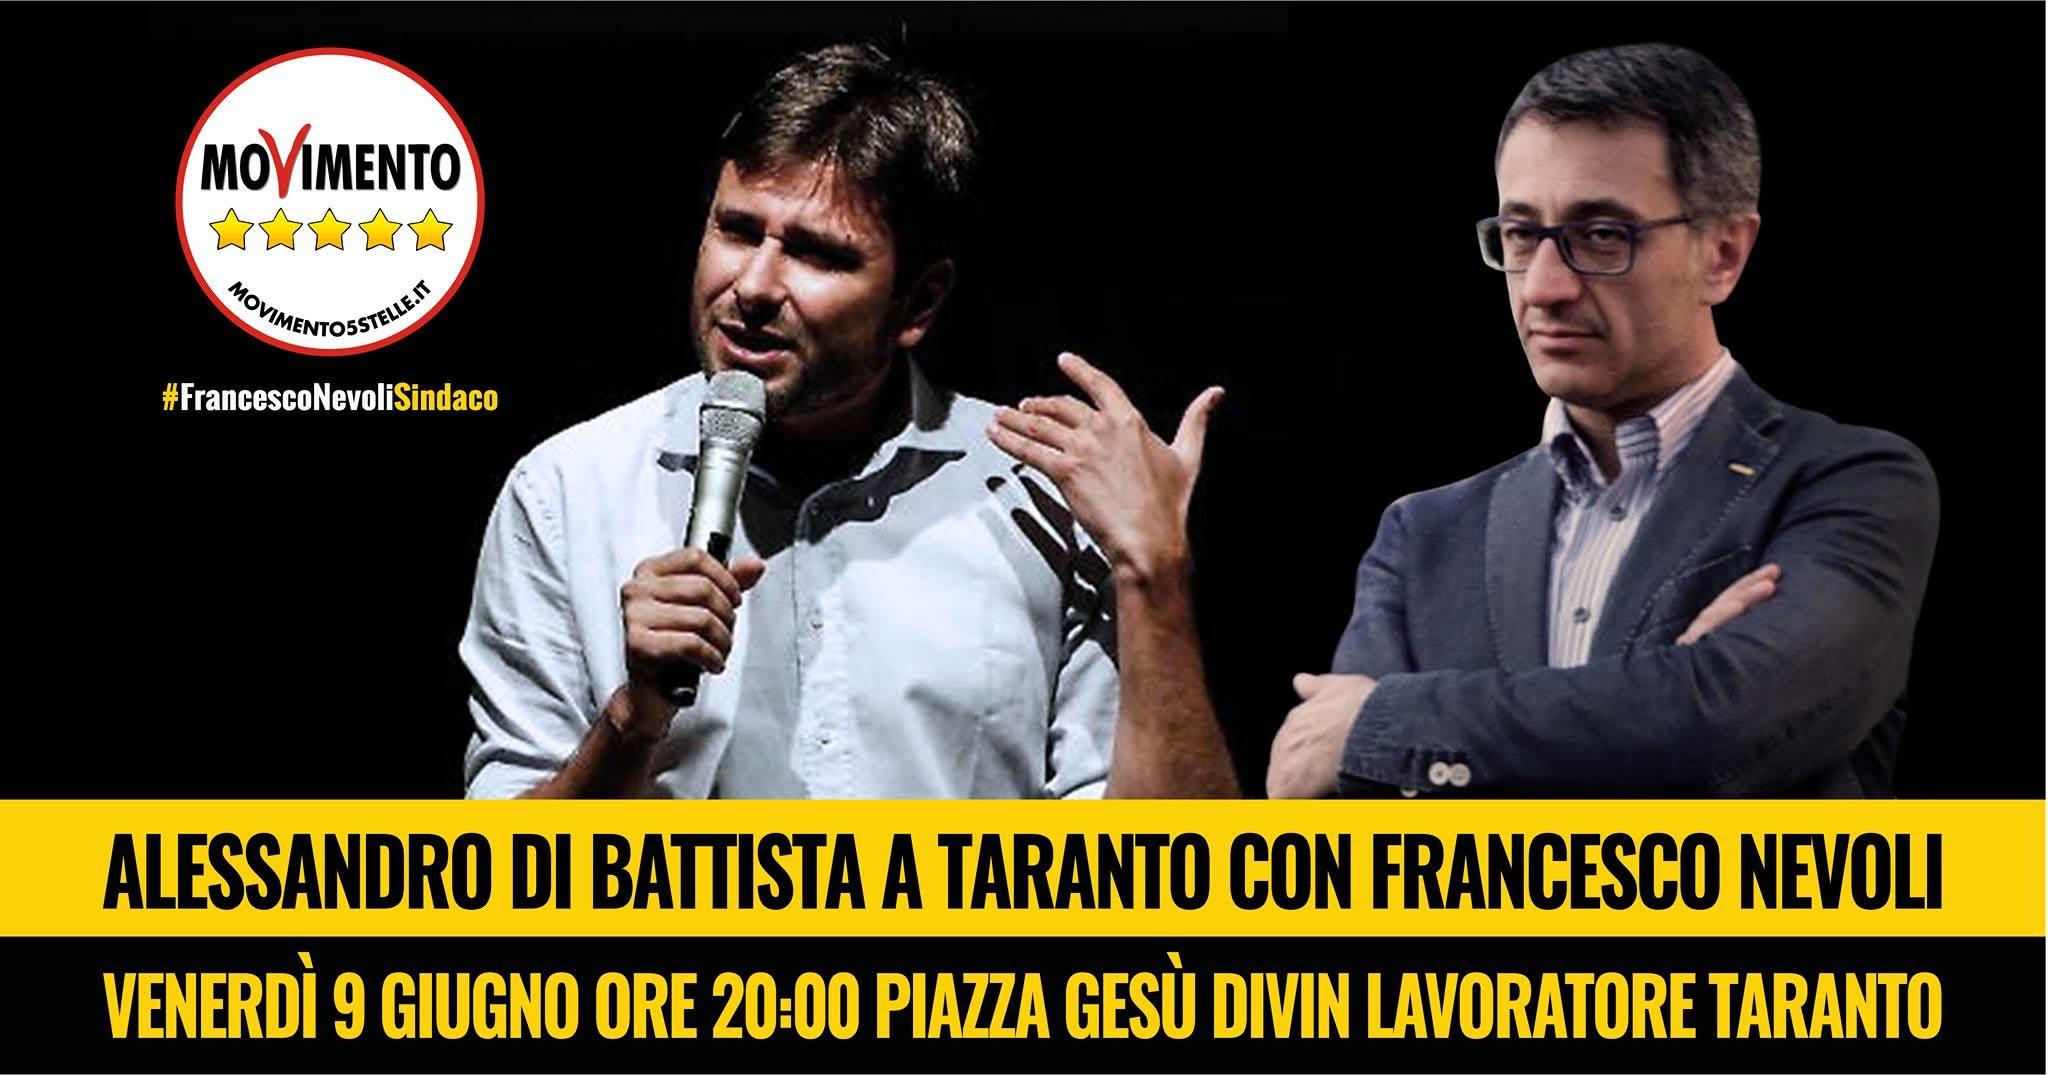 Di Battista Taranto